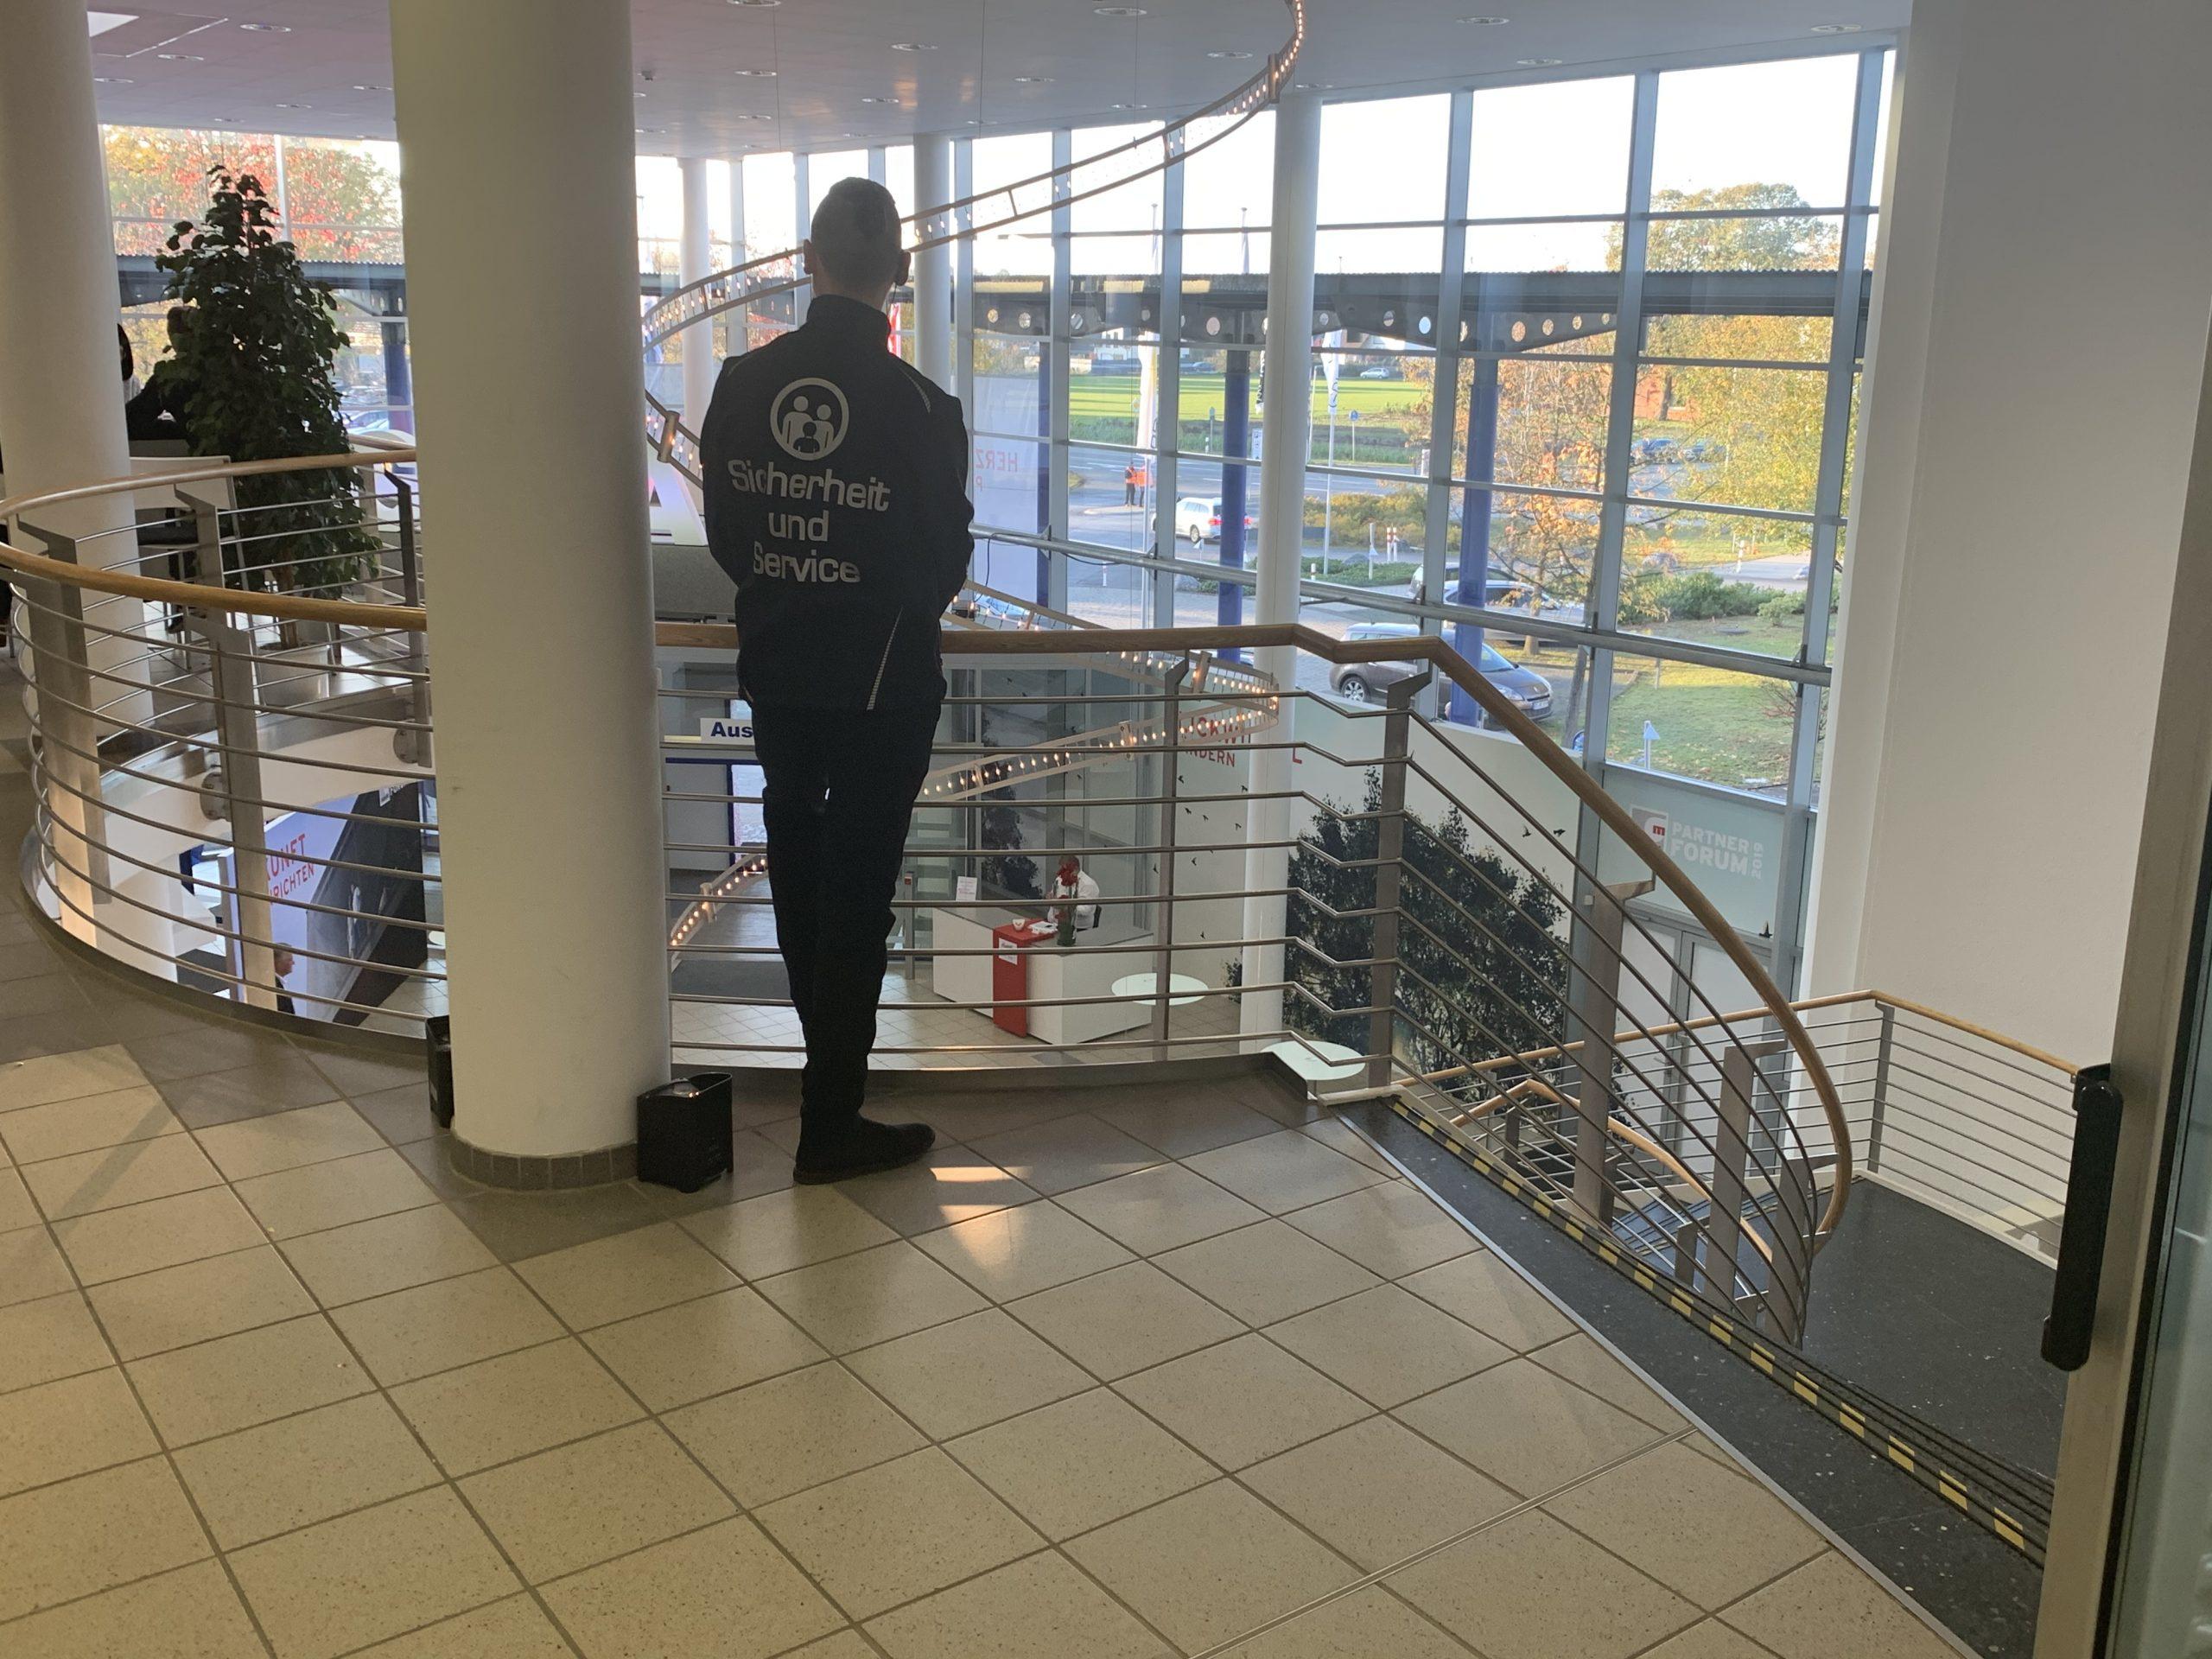 Sicherheitsposten im Messezentrum